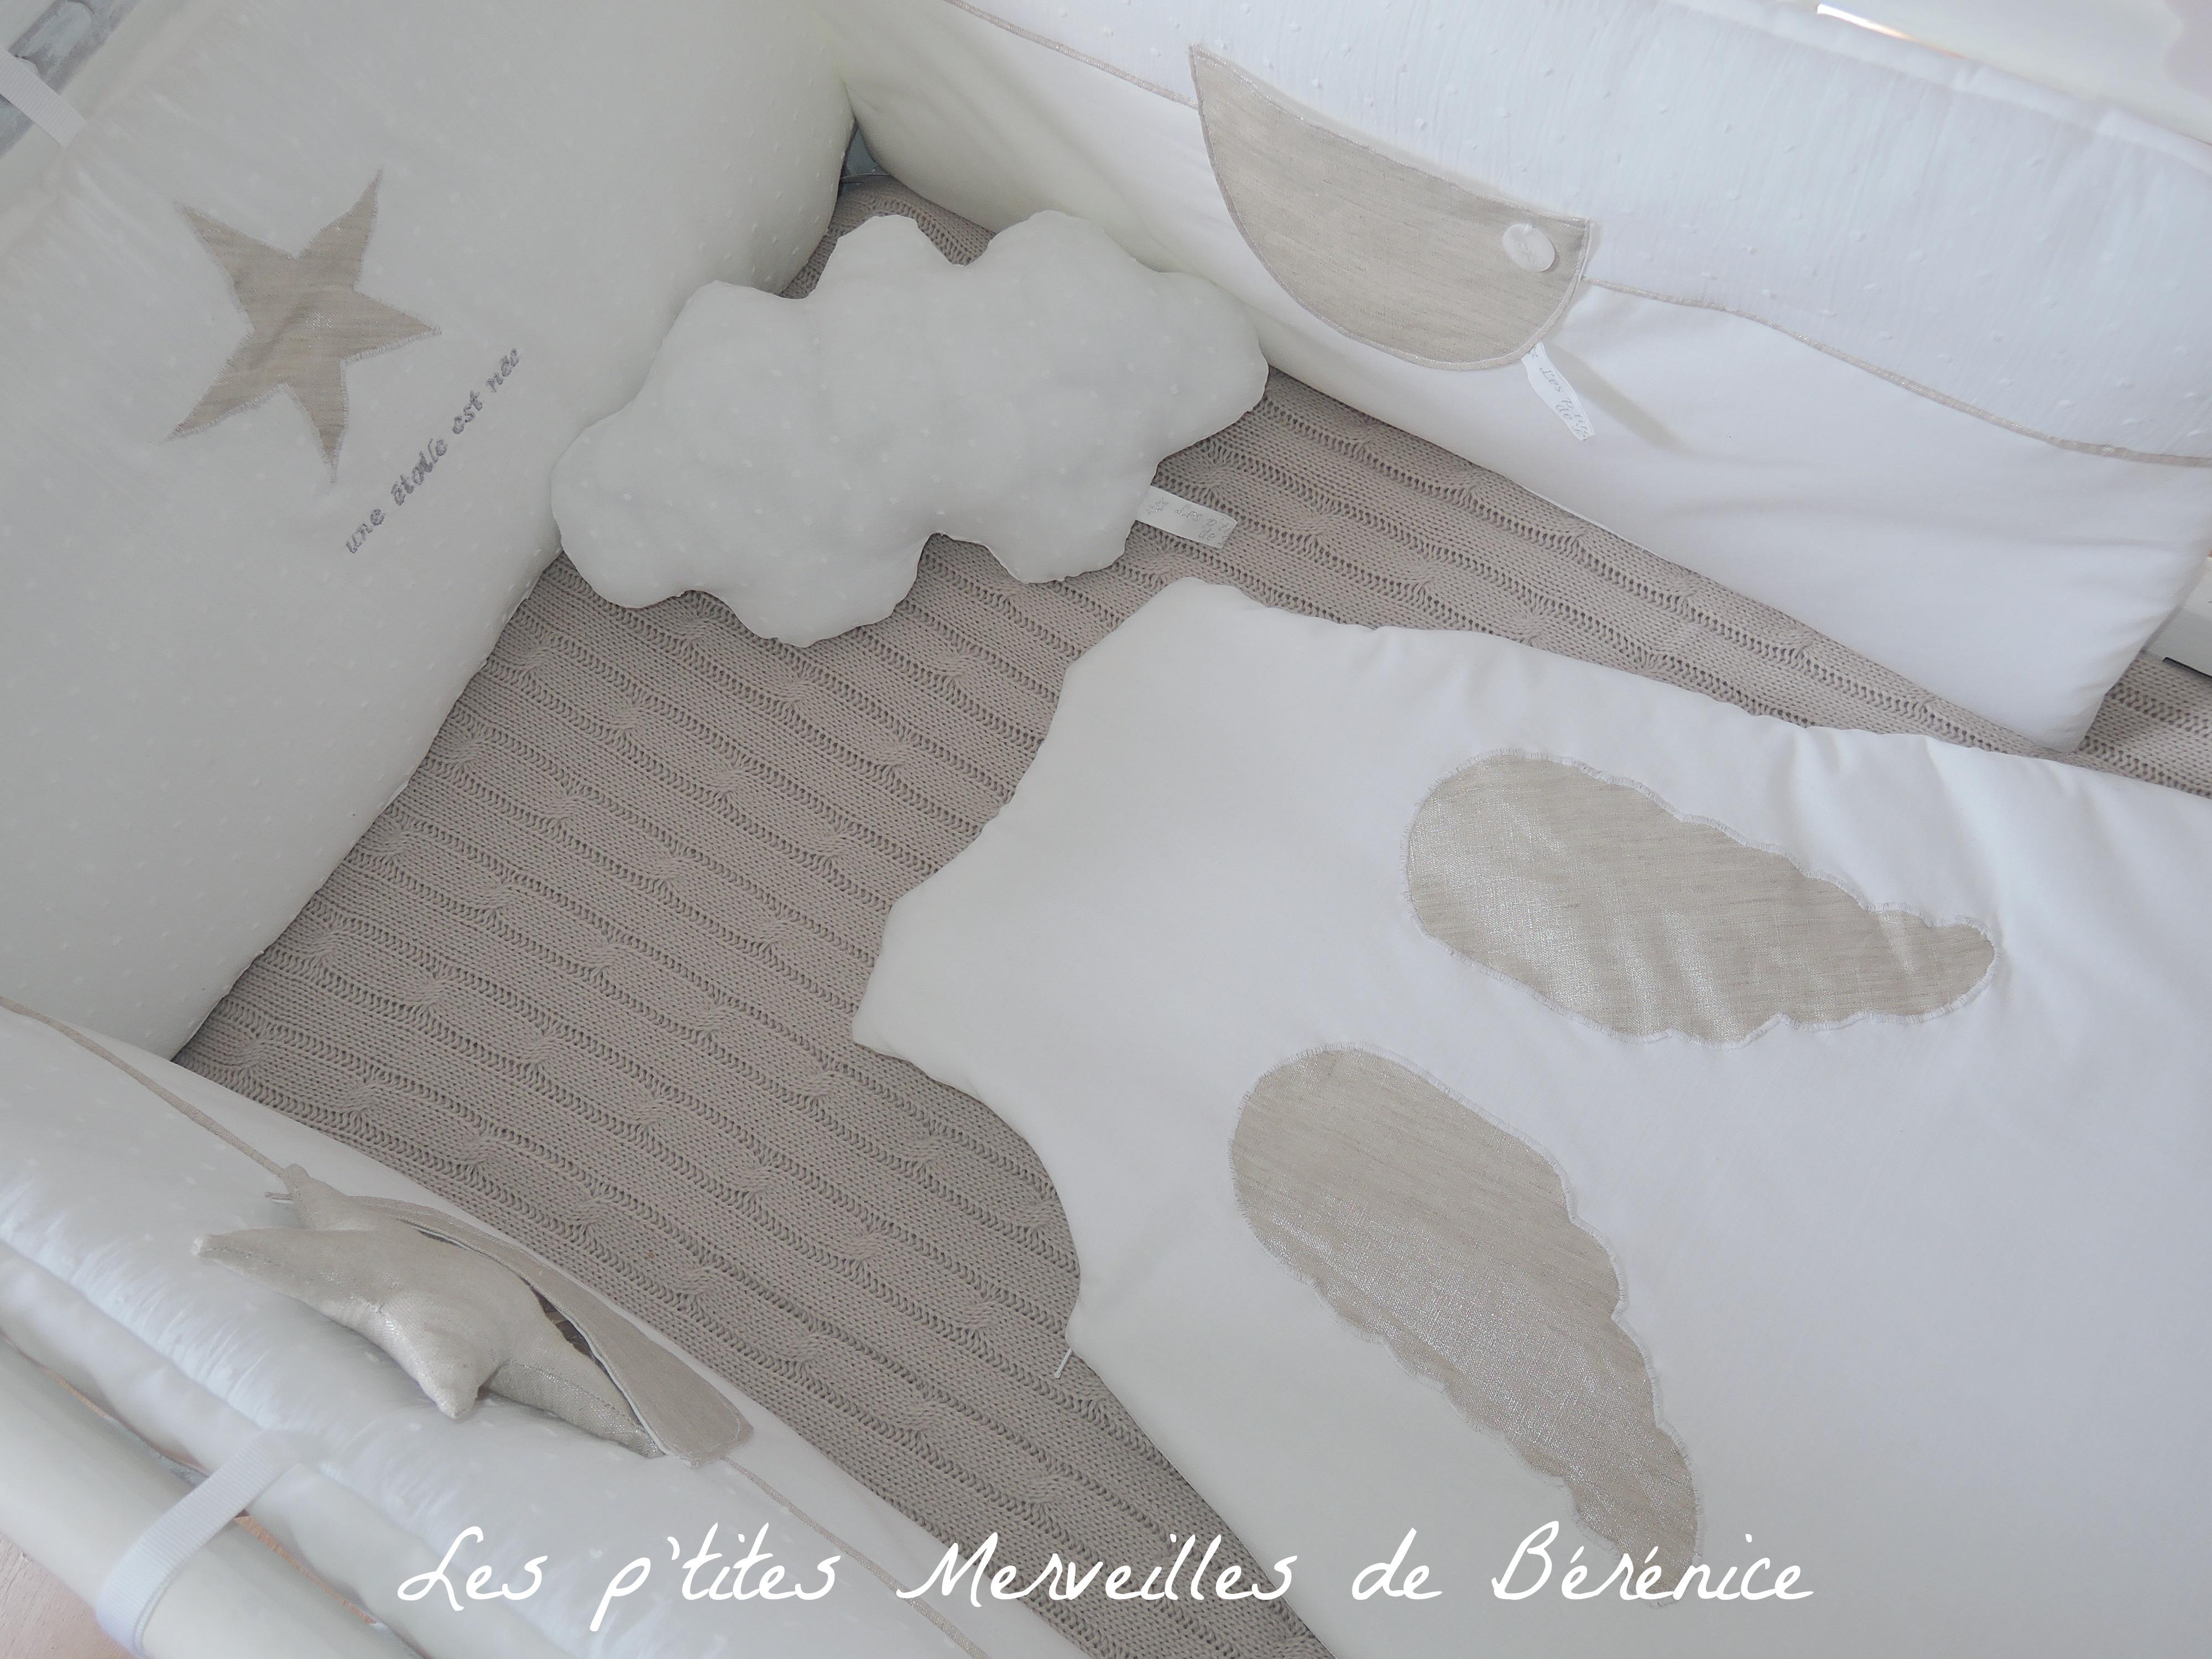 les p tites merveilles de b 233 r 233 tour de lit gigoteuse une 233 toile est n 233 e beige dos